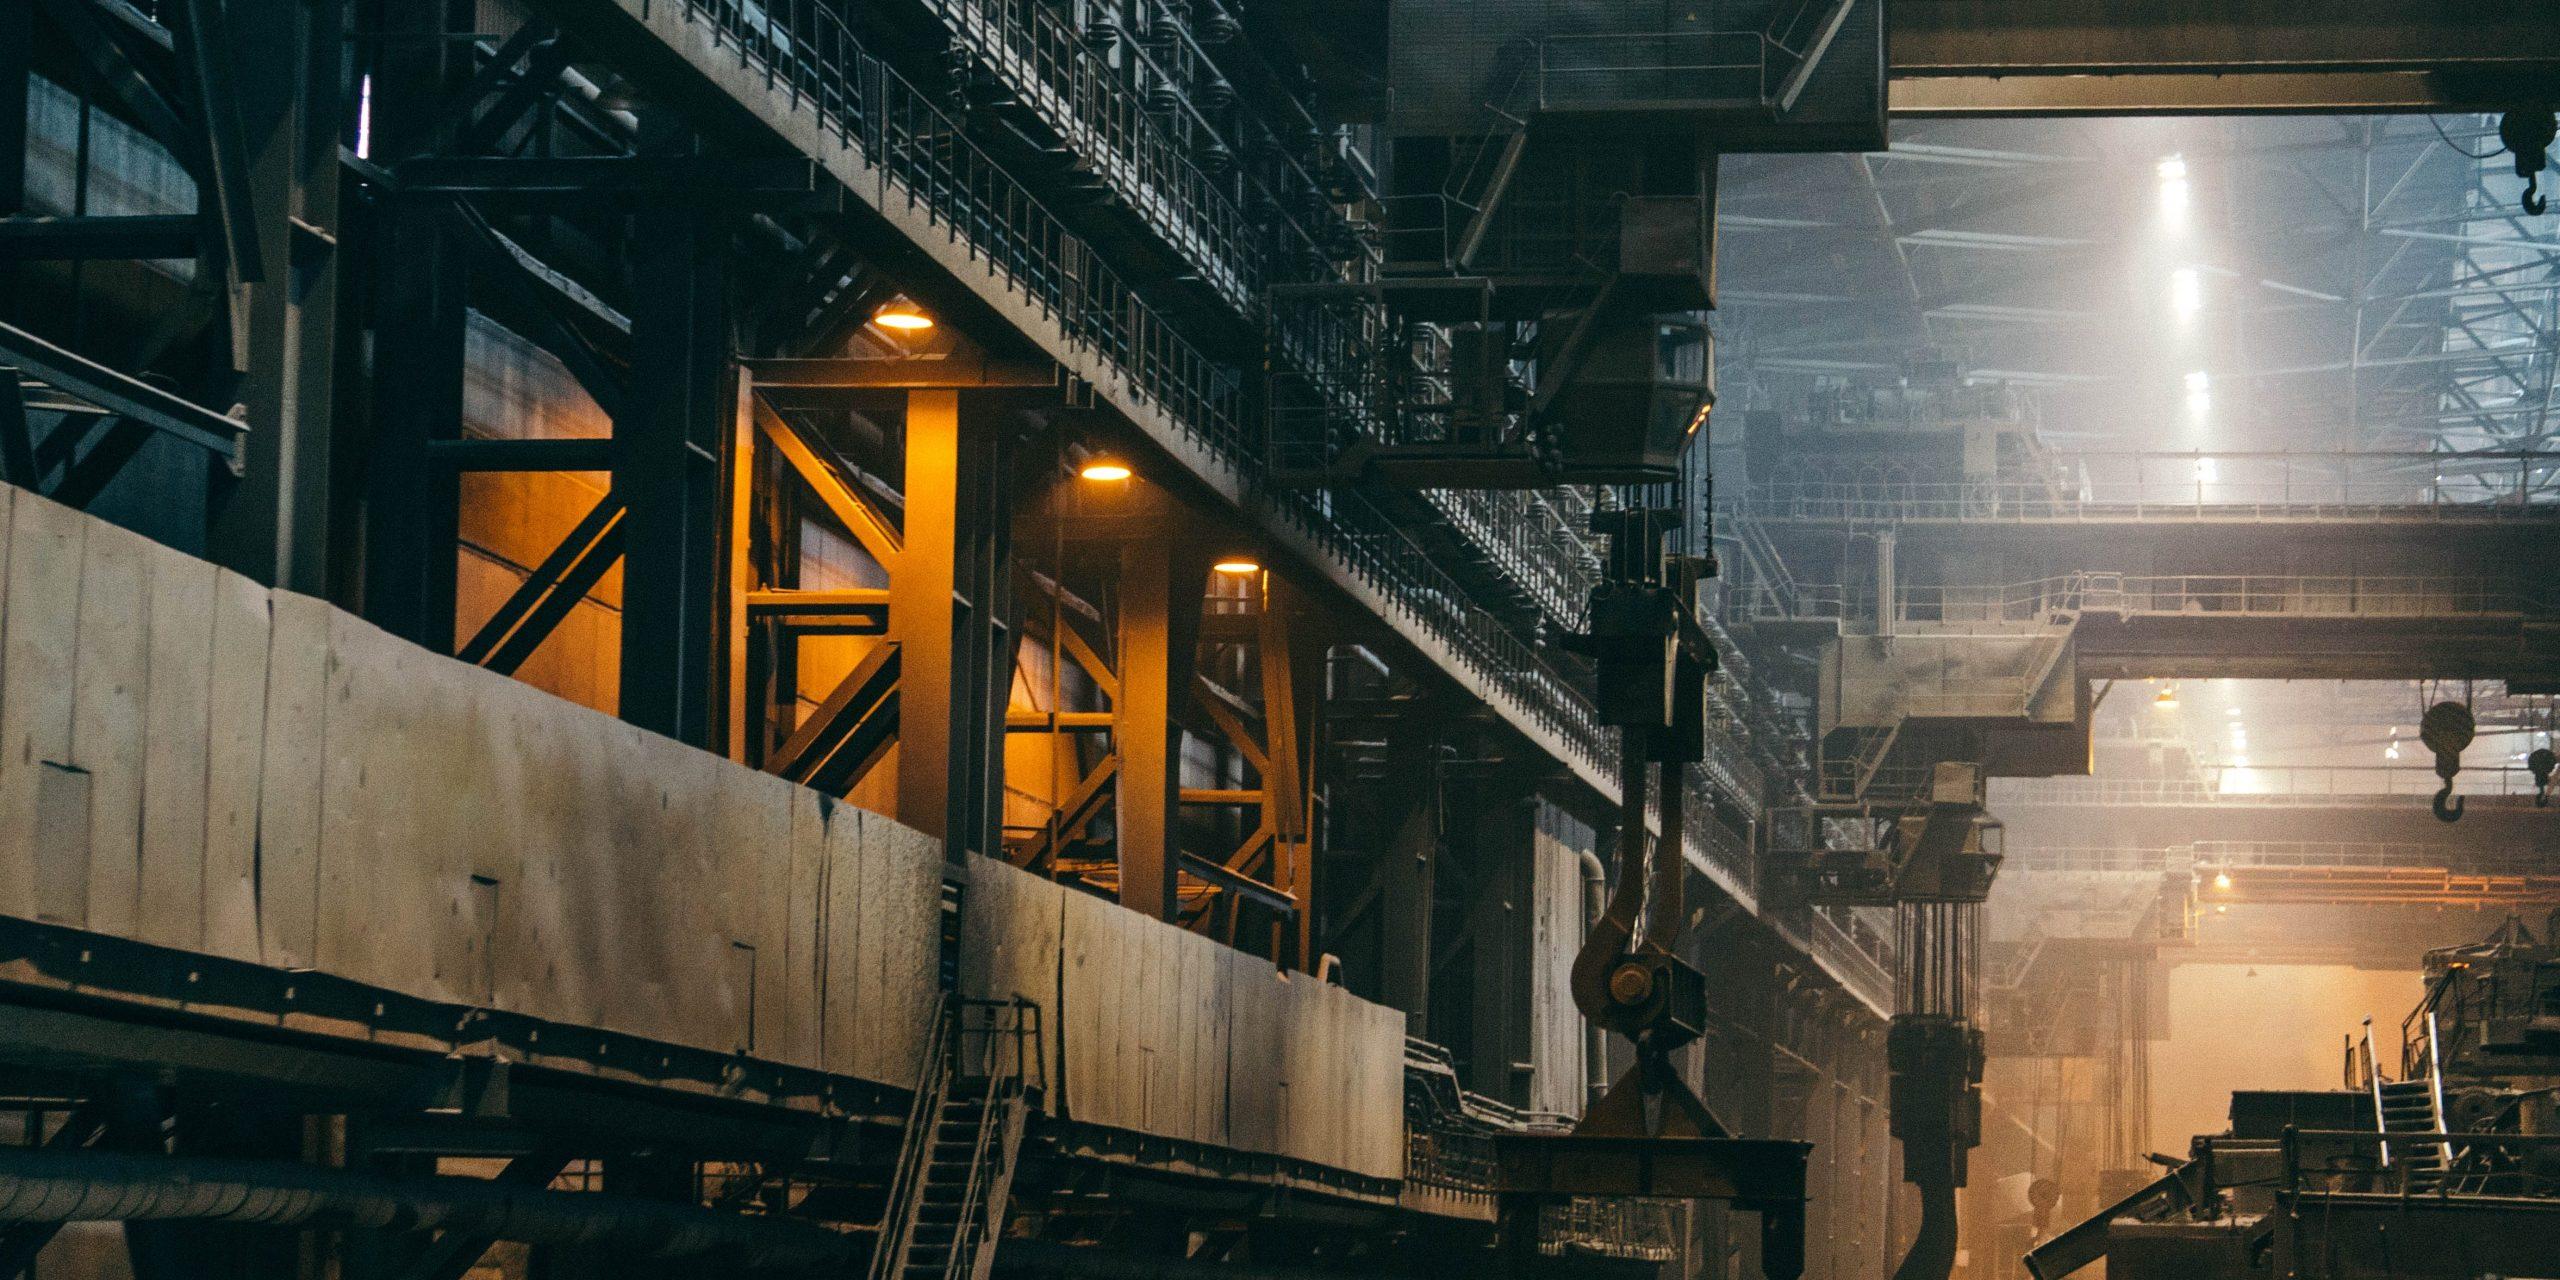 Компания «Протон-ПМ» (ГК «Роскосмос») расширяет применение IIoT в управлении производством